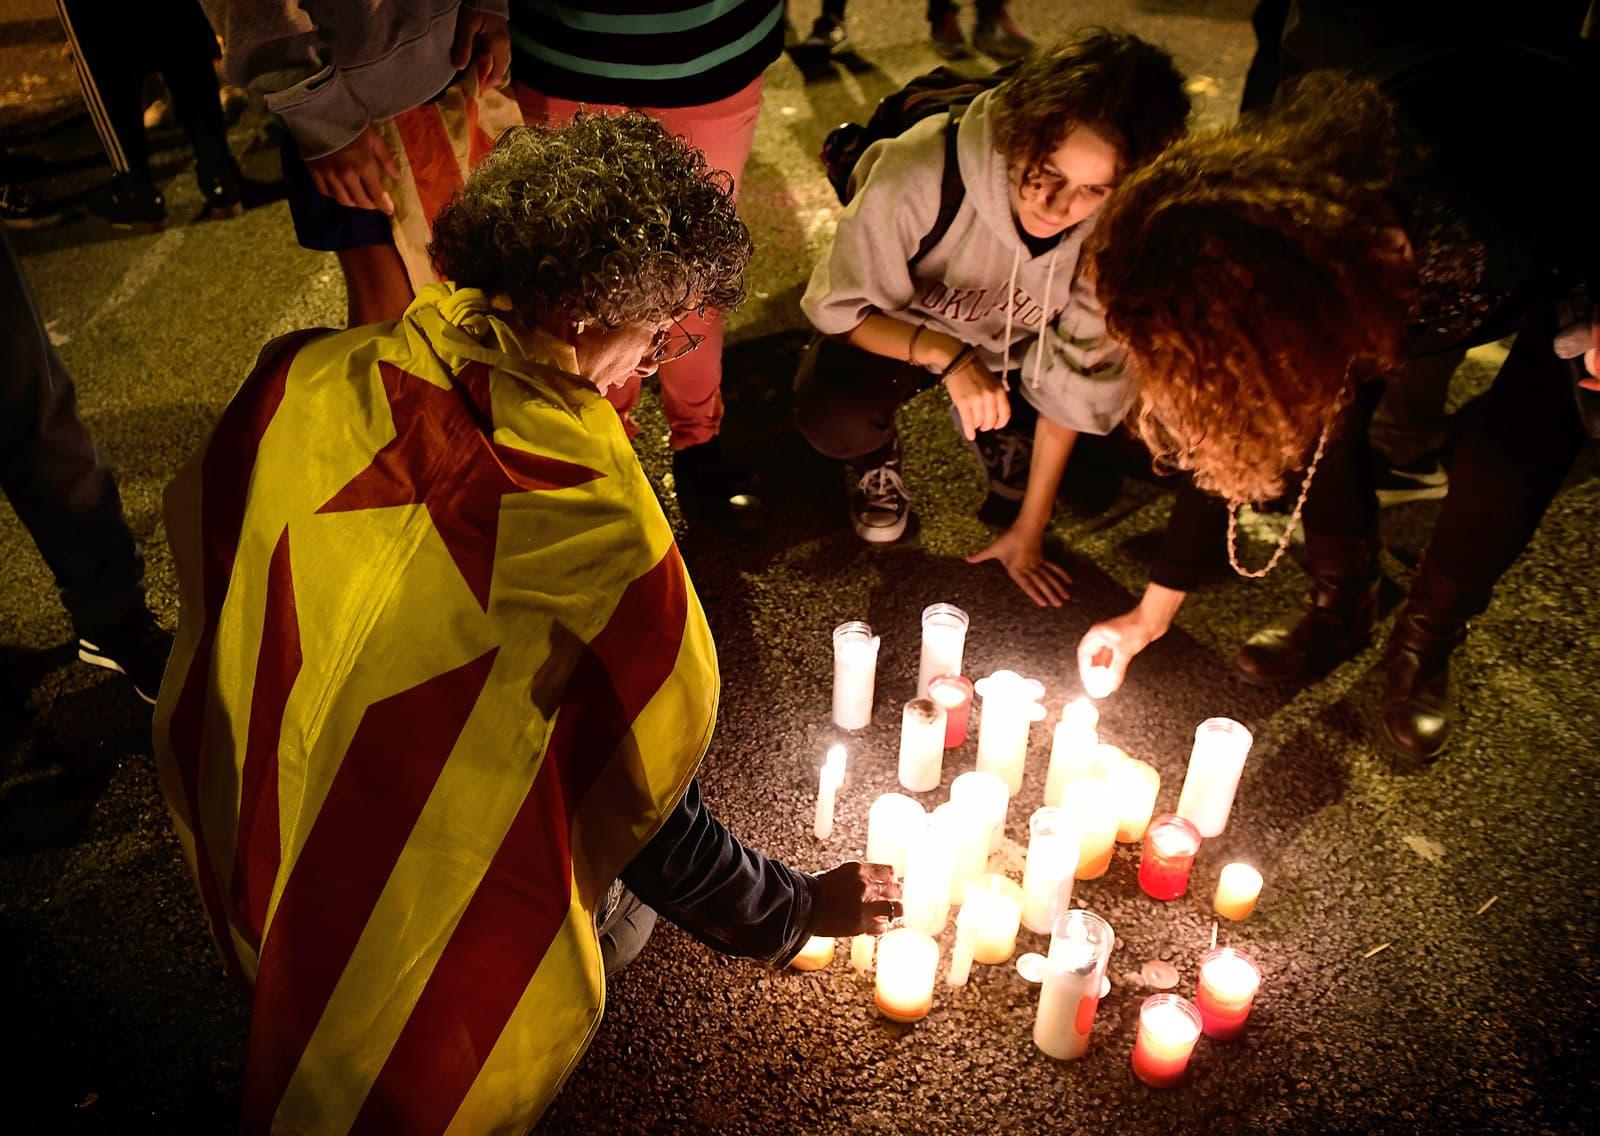 Unes dones posen espelmes davant la Delegació del Govern durant l'aplicació del 155. Fotografia Xavier Jubierre